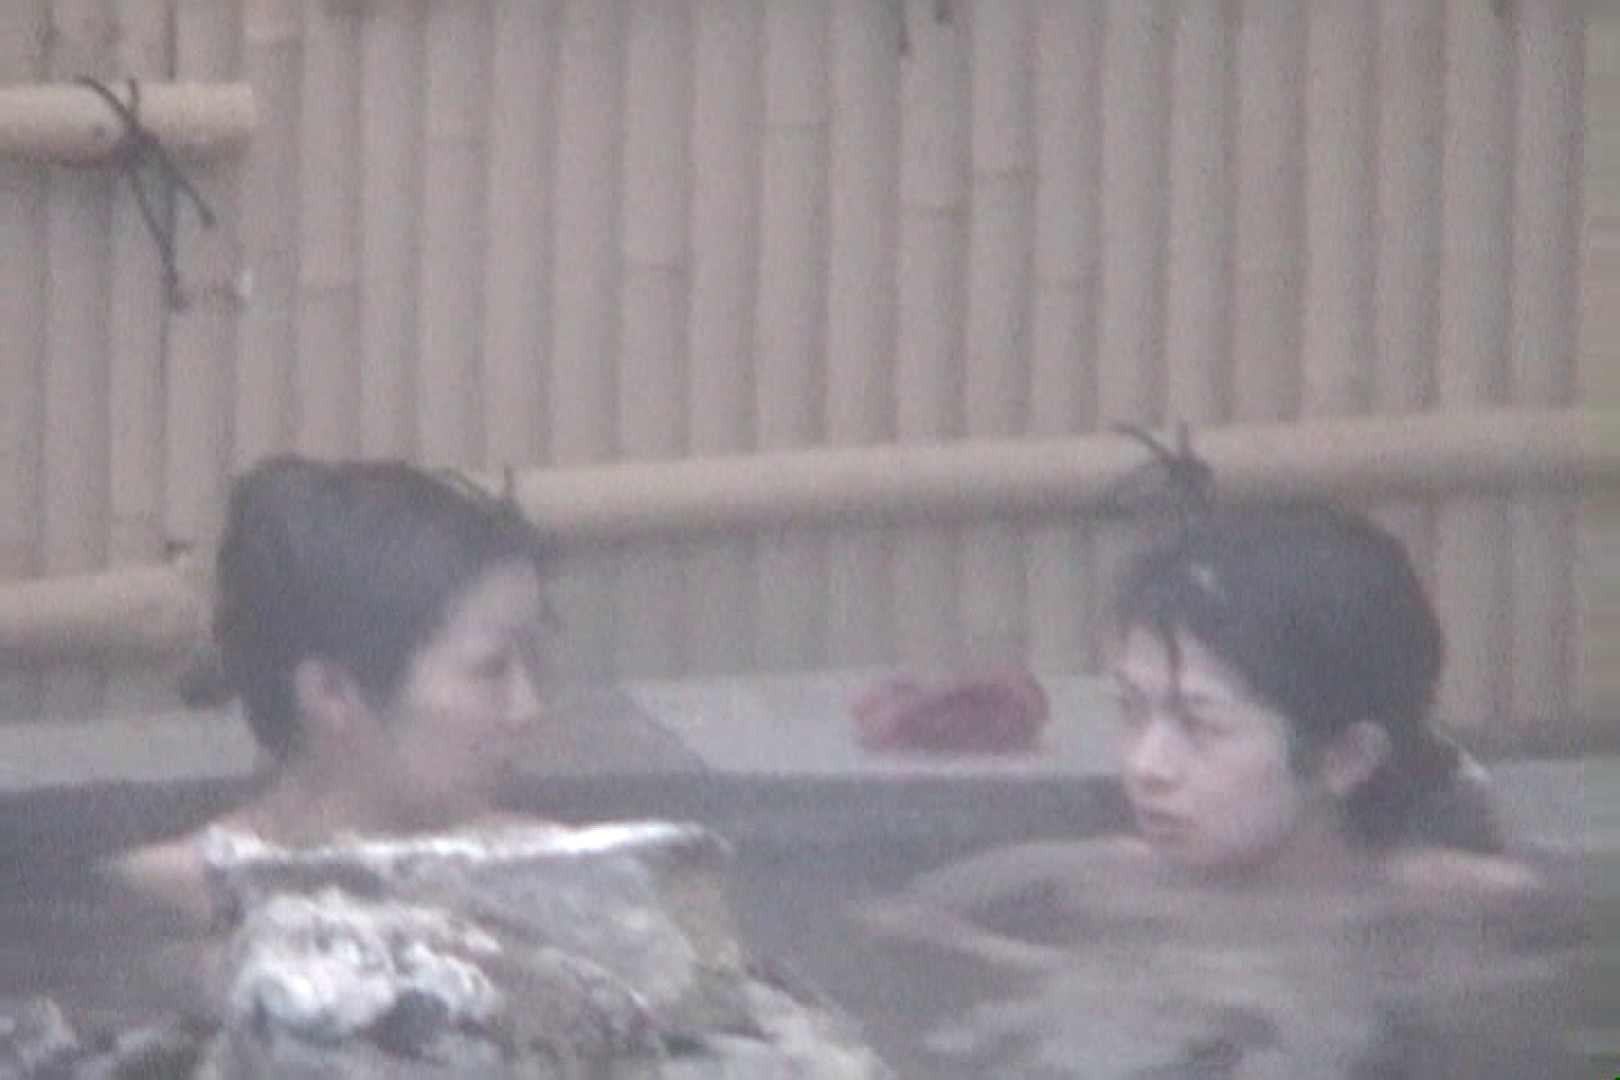 Aquaな露天風呂Vol.82【VIP限定】 OLハメ撮り  101Pix 3